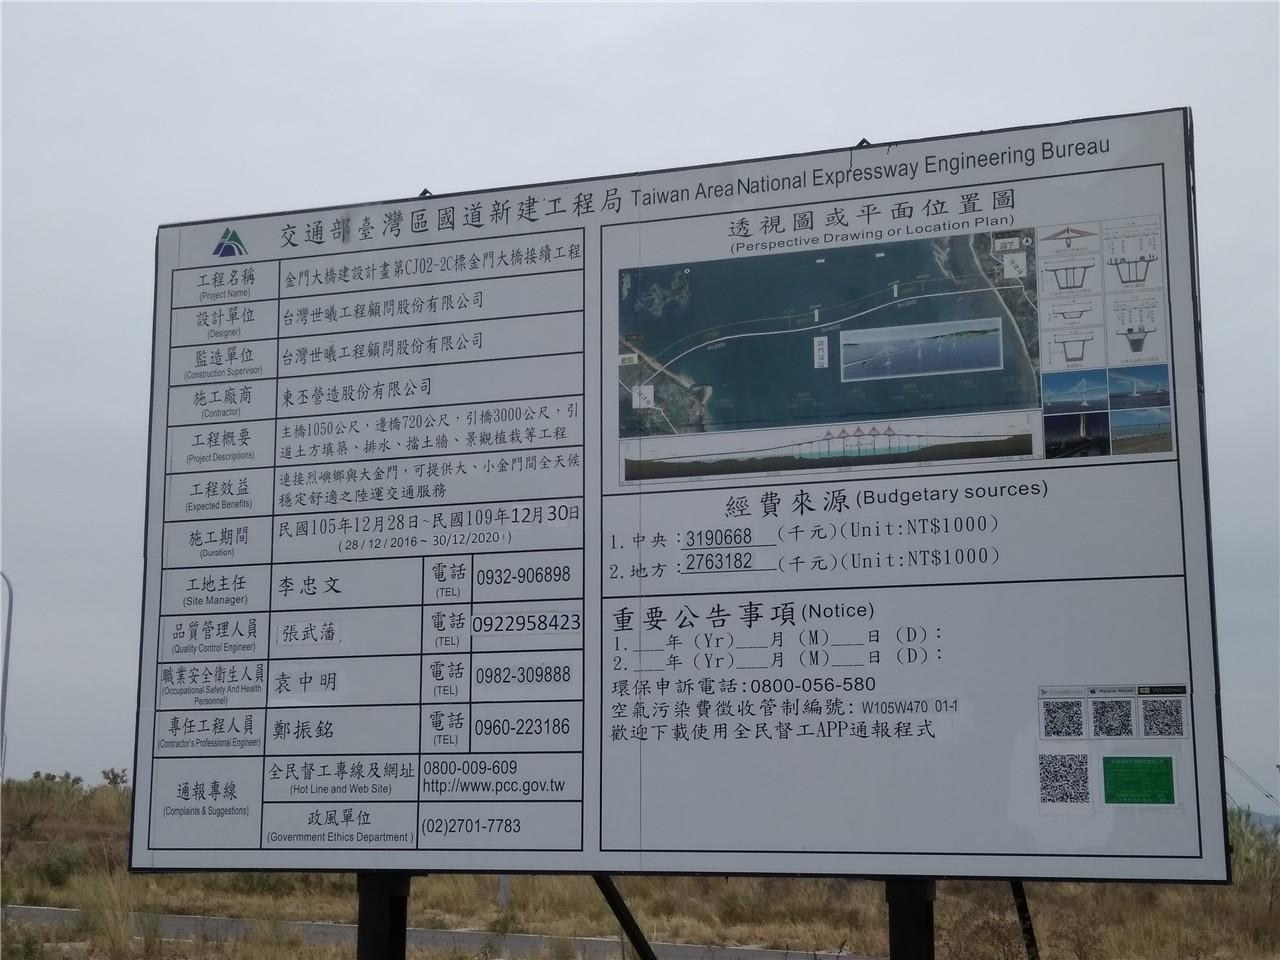 Re:[原创]哈尔滨-南昌-泉州-金门-厦门-南昌-哈尔滨海陆空之旅